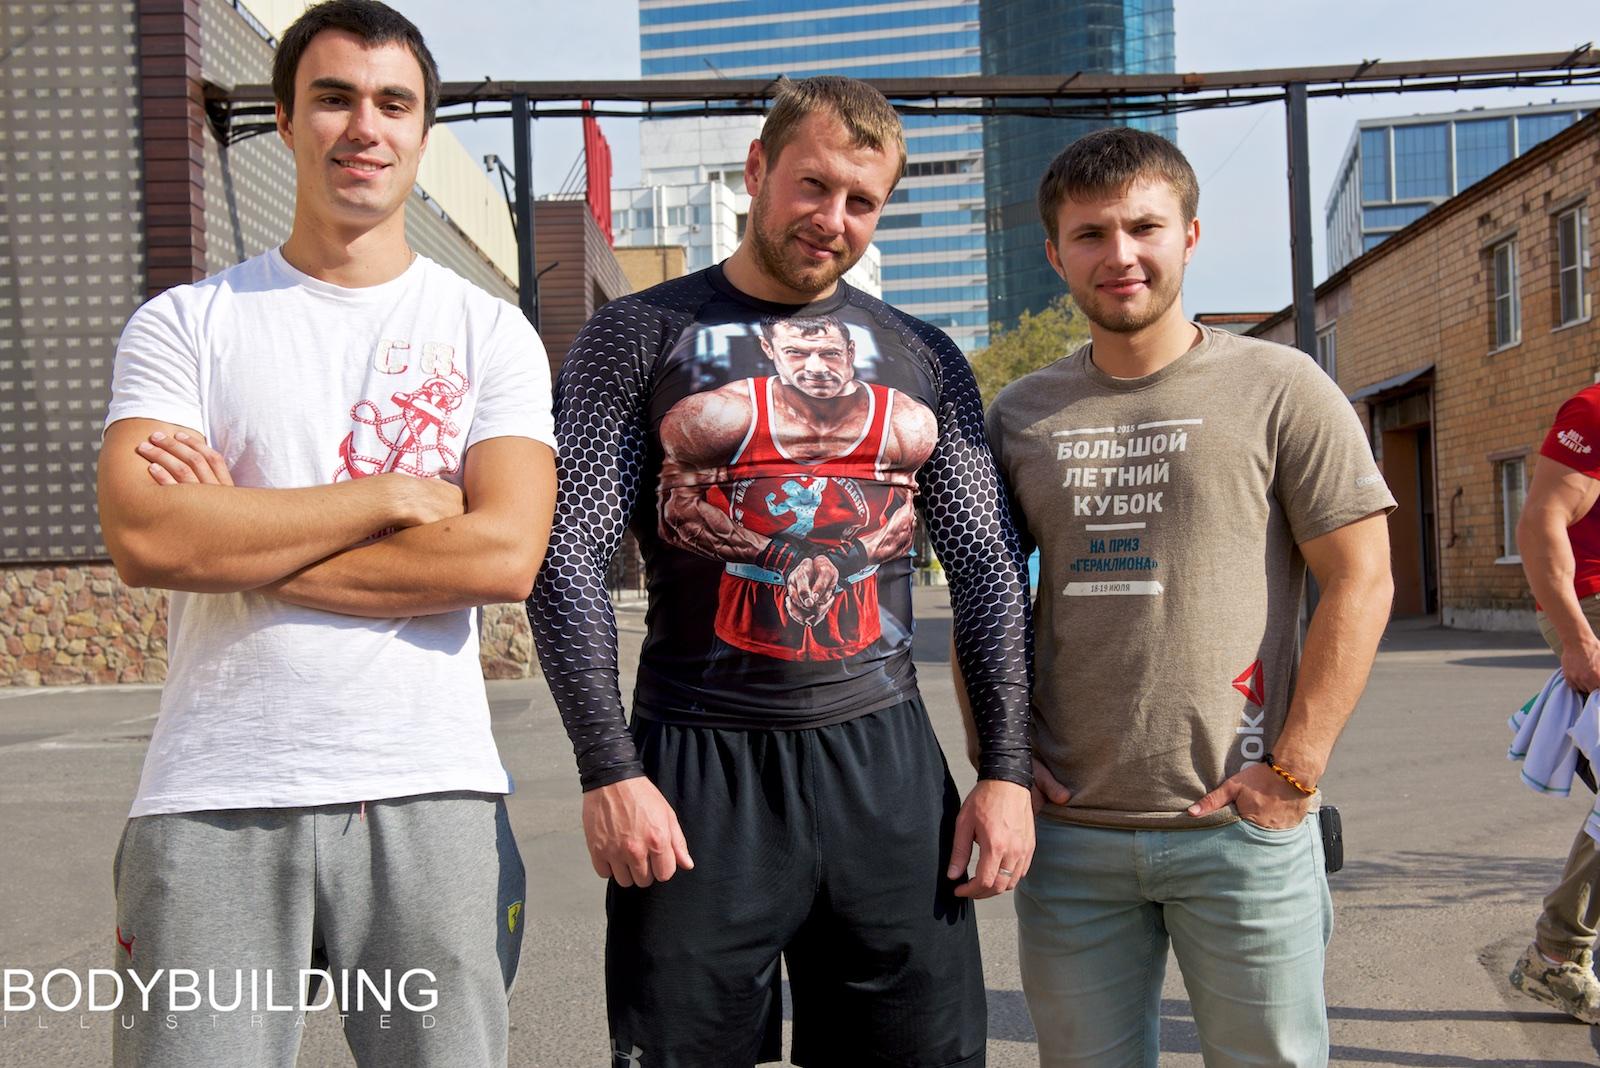 Макар Готовцев, Алексей Шаев и Сергей Гаврильченко